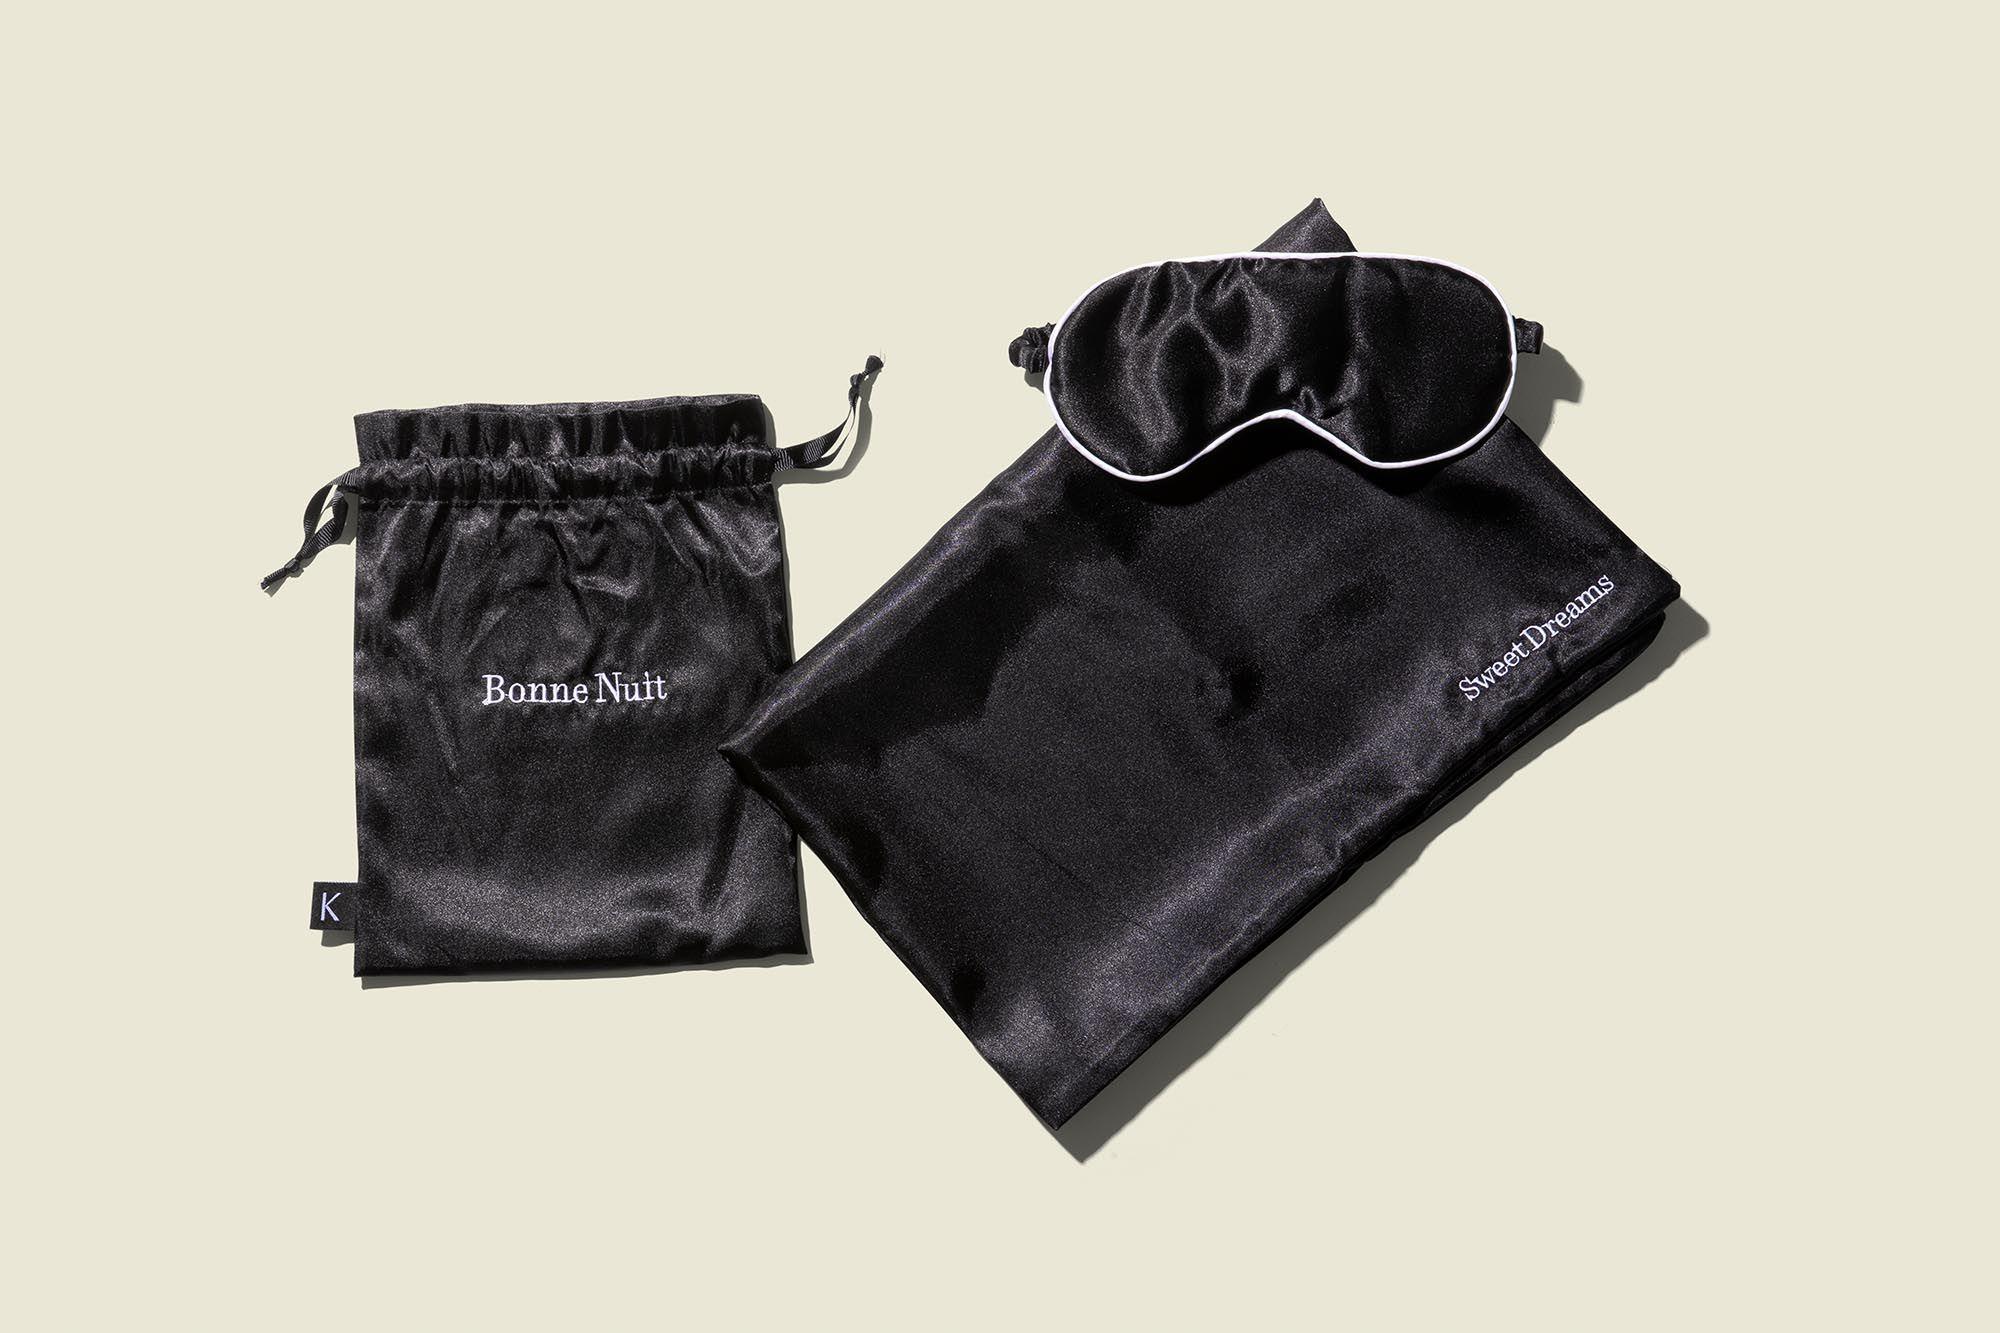 Drawstring bag with sleep mask